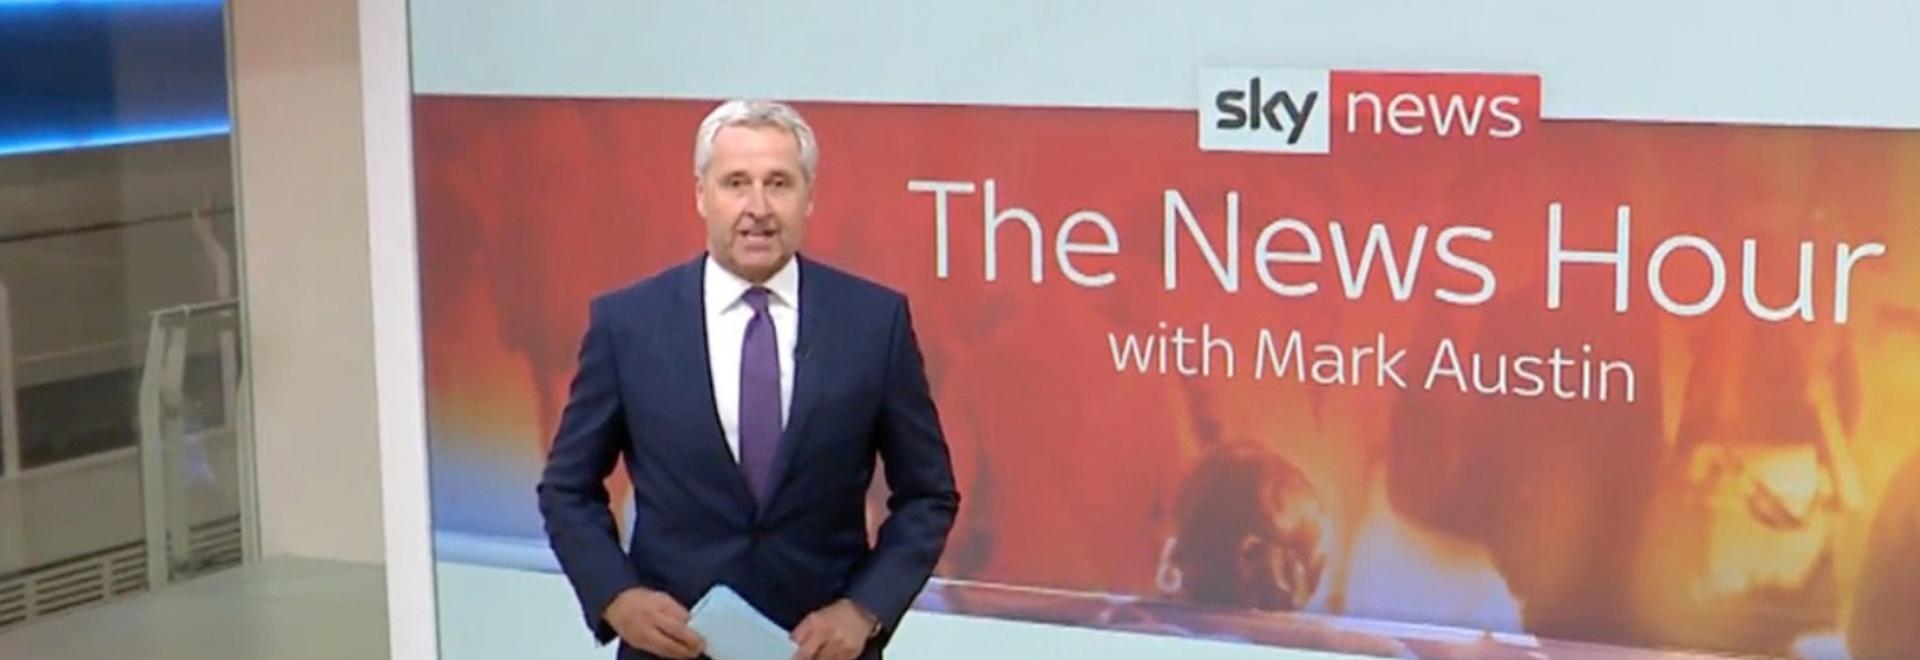 The News Hour with Mark Austin